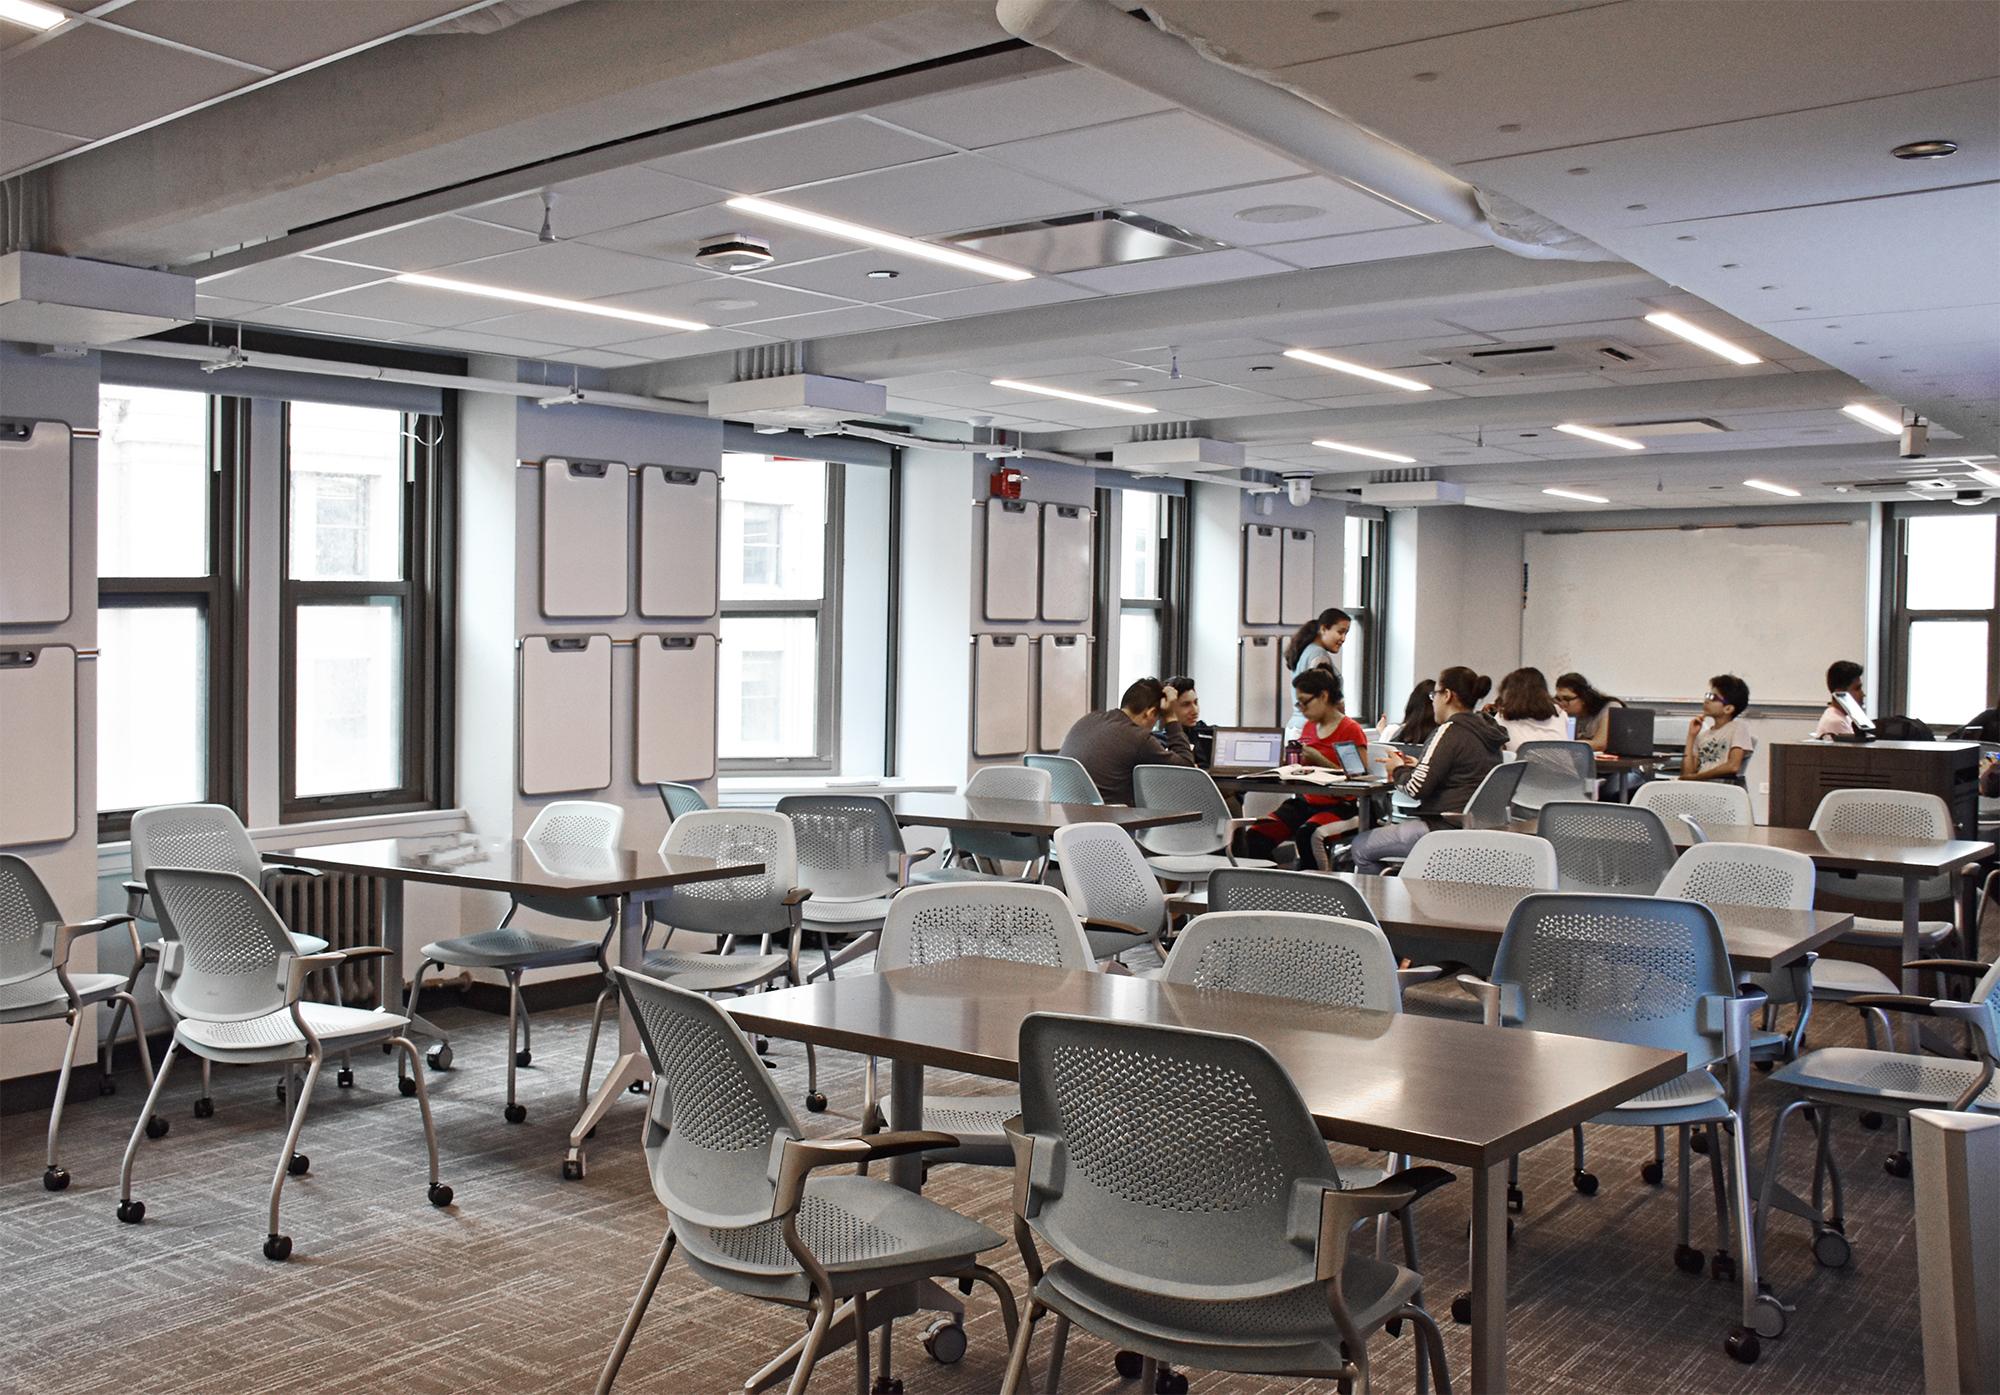 16th Floor Classroom